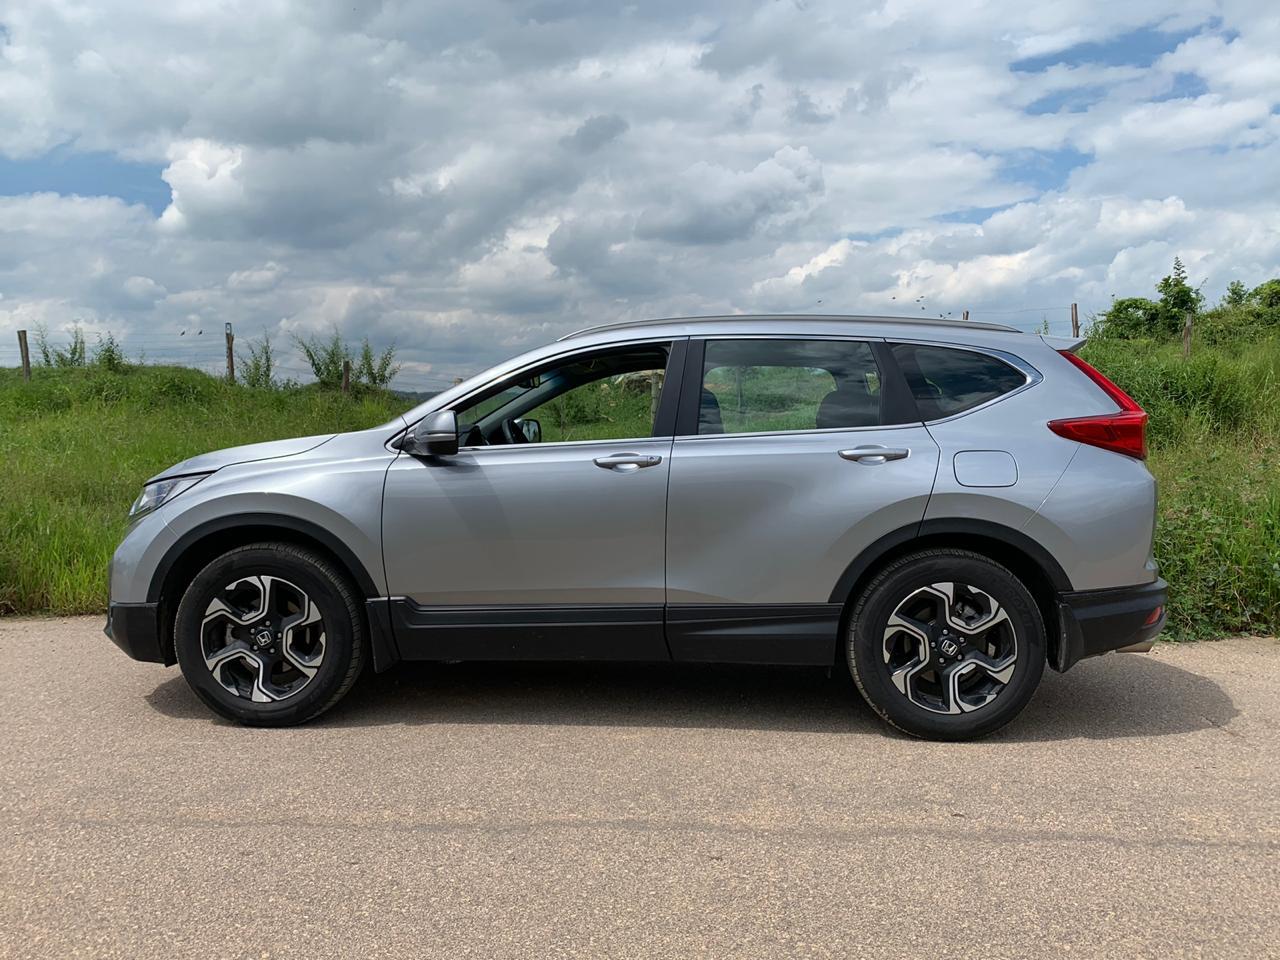 Honda CR-V 2019: confira as novidades da nova versão e nossas impressões ao dirigir